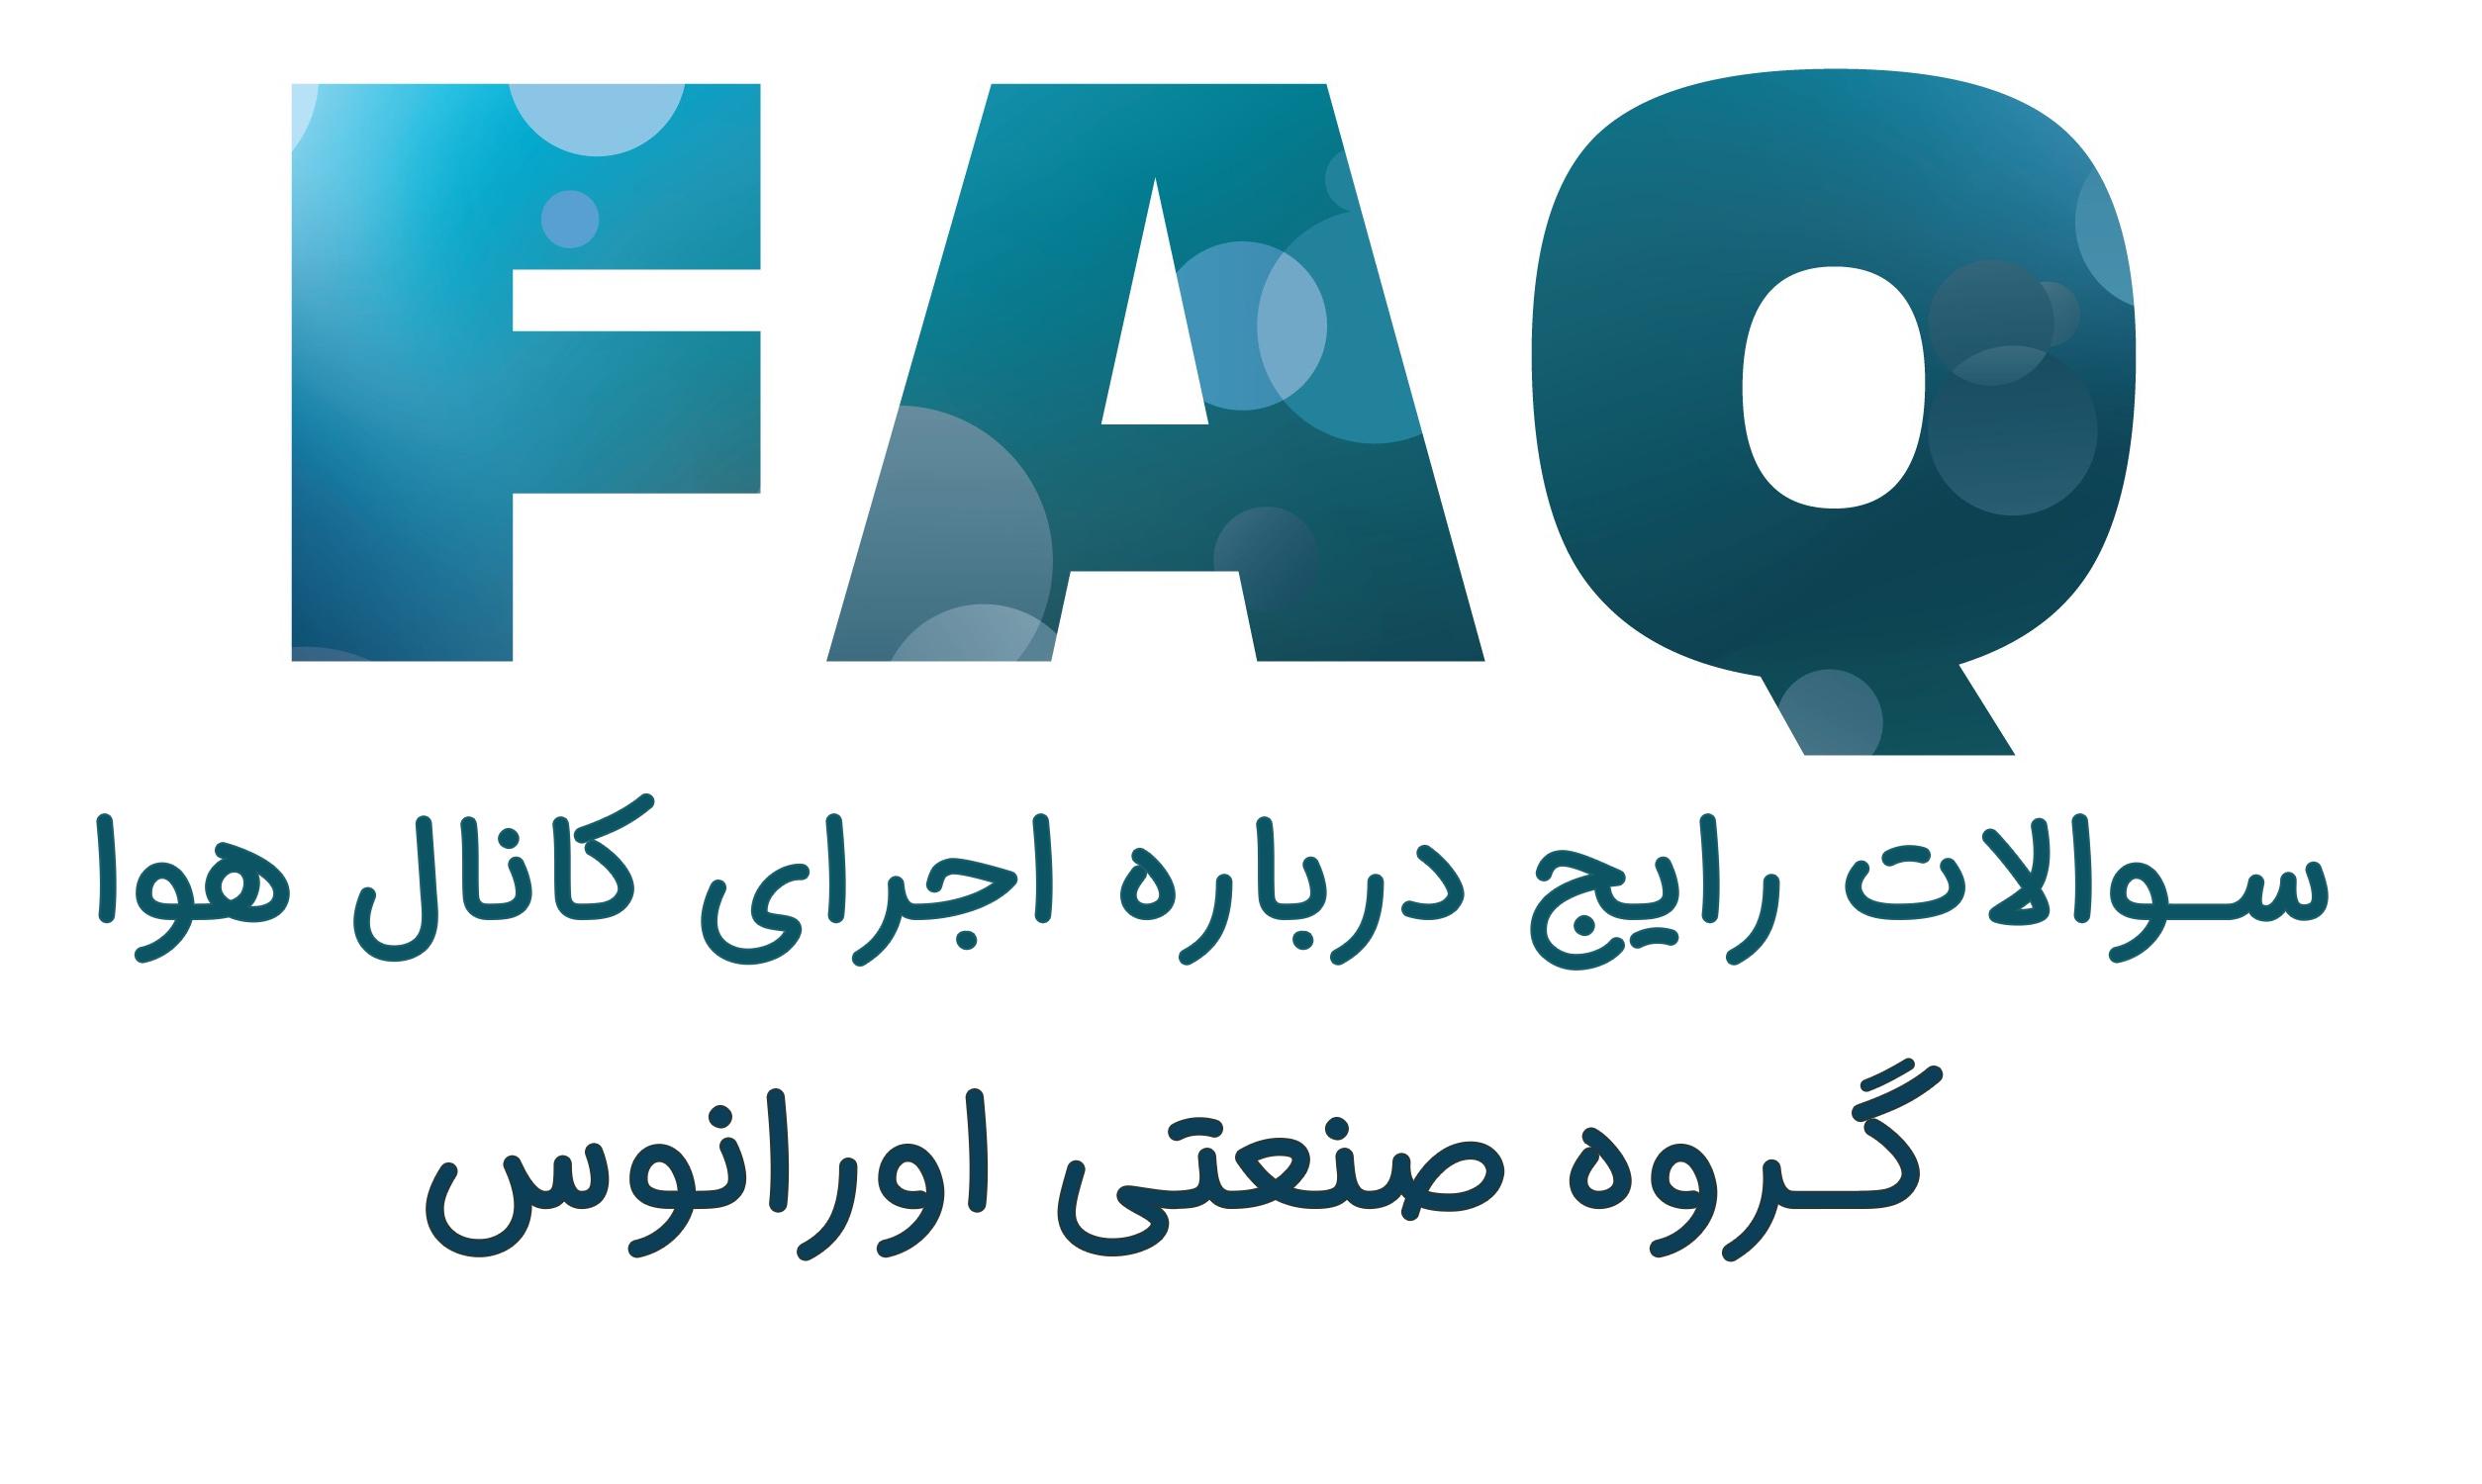 سوالات رایج (FAQ) درباره اجرای کانال هوا